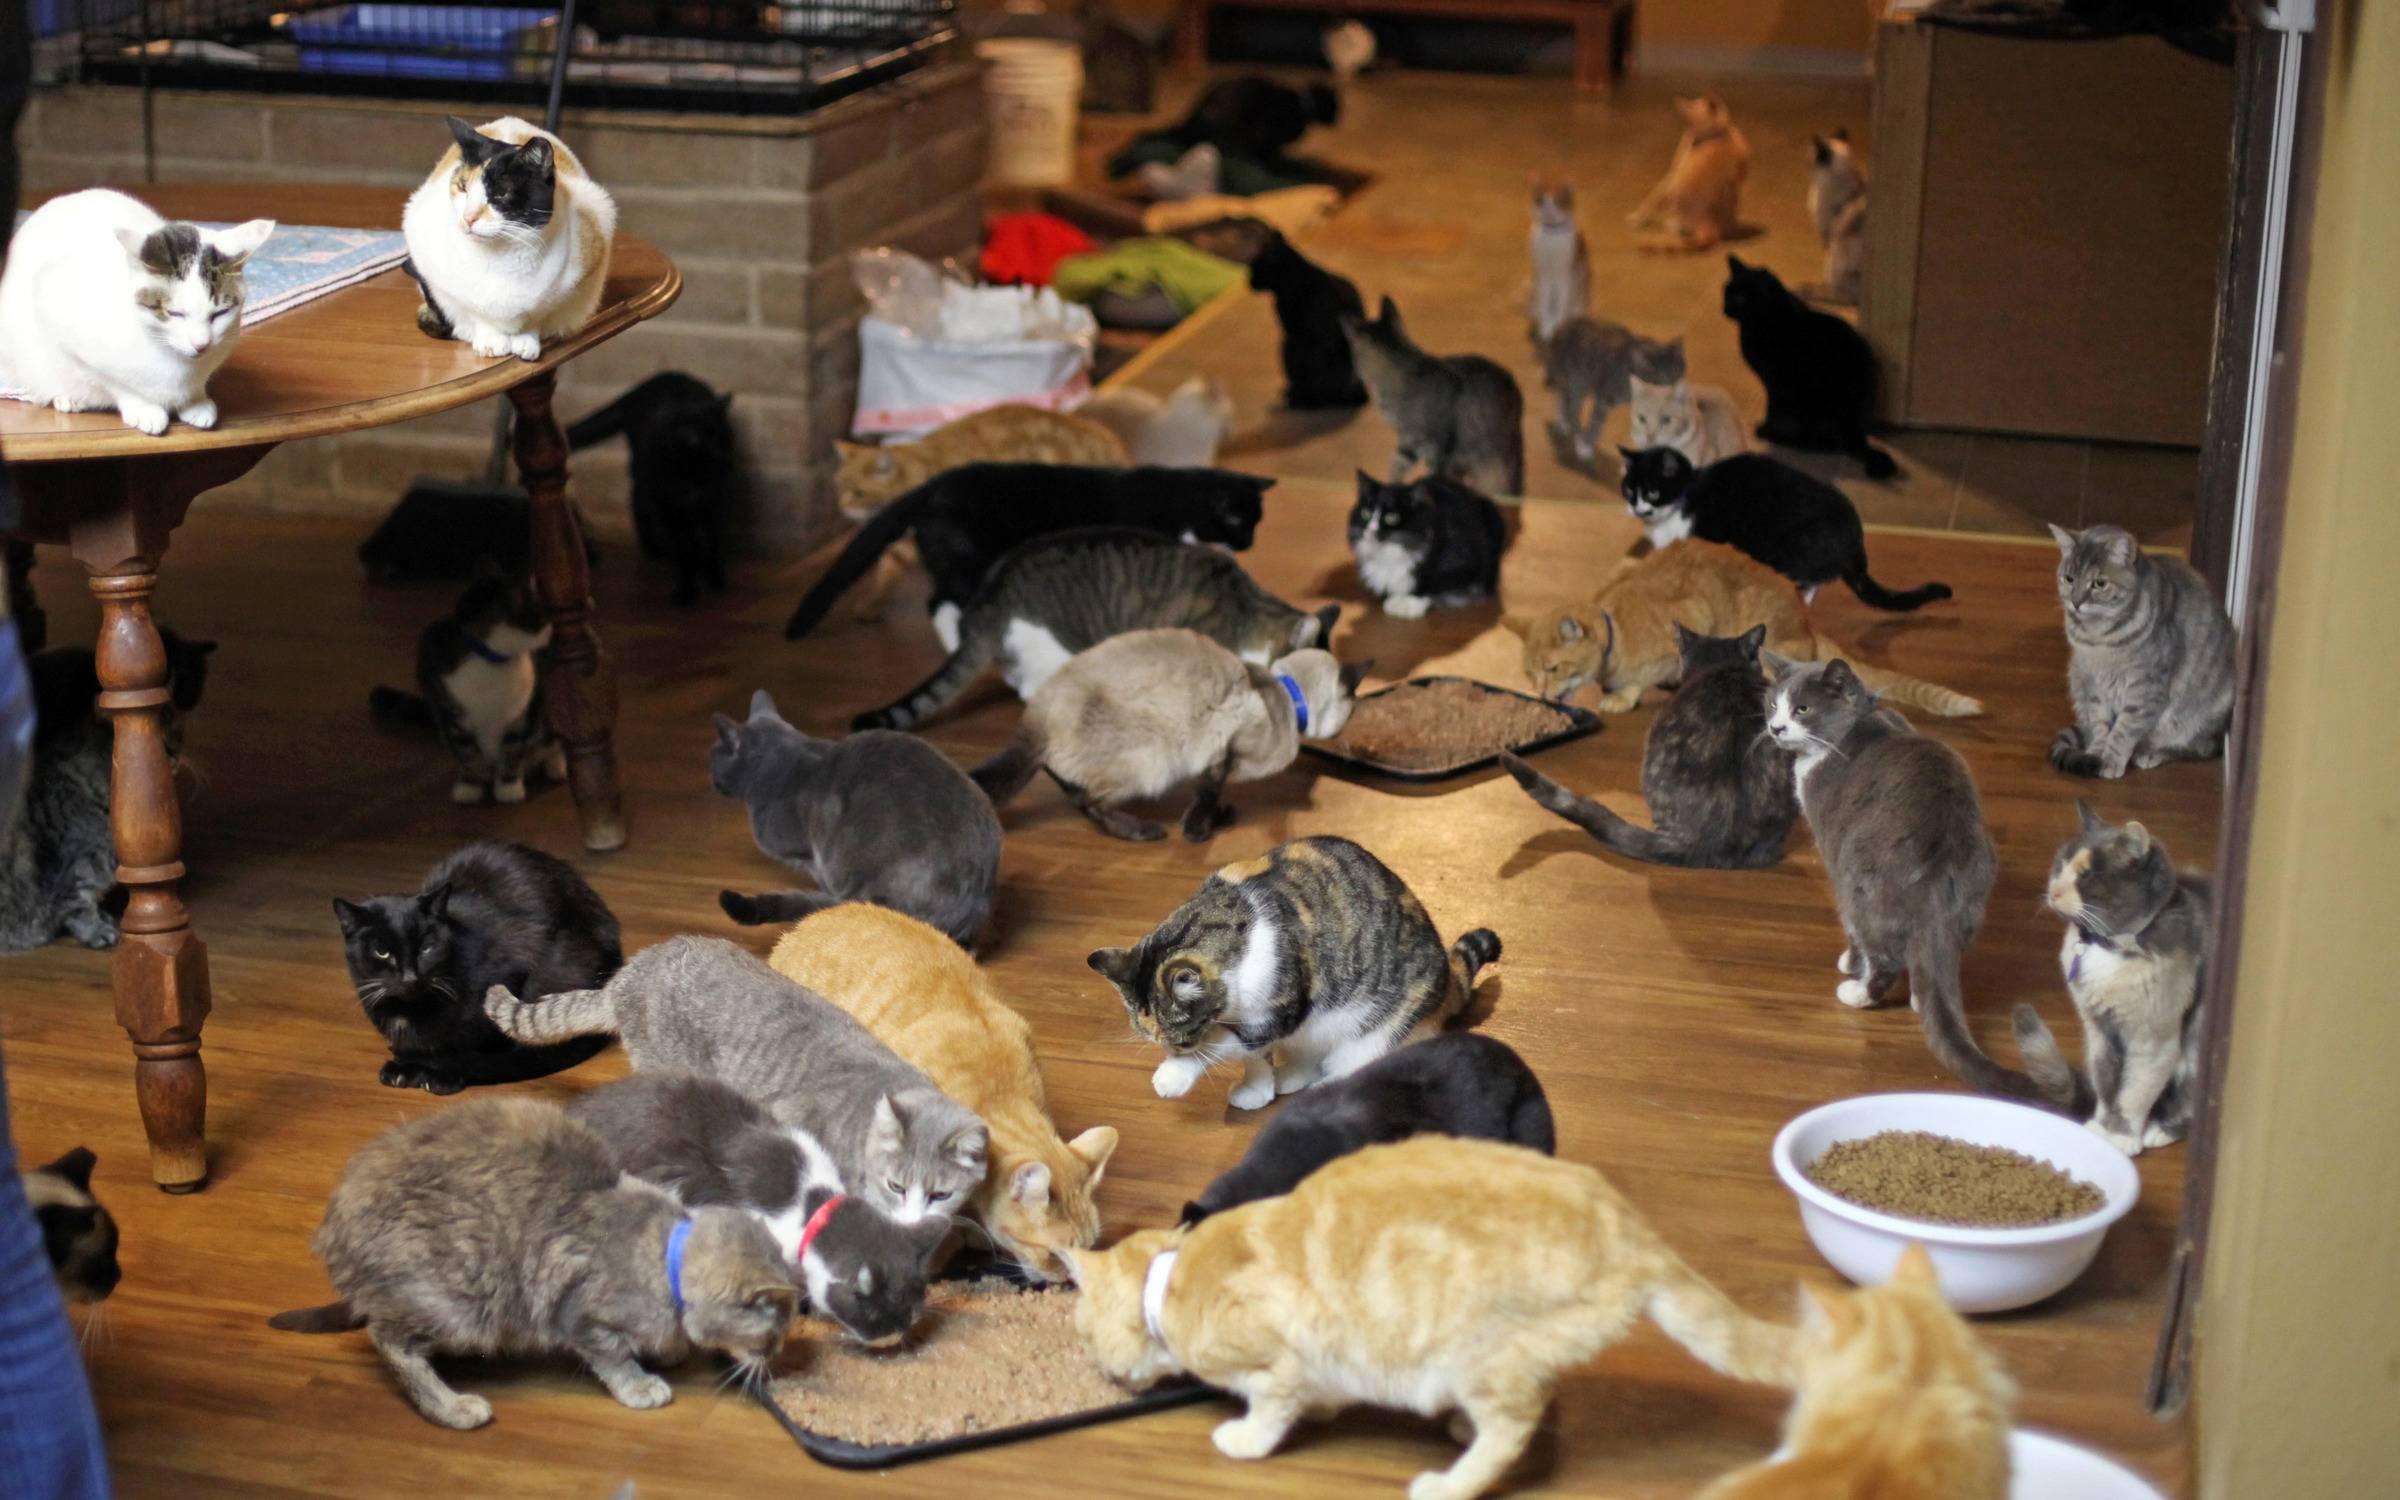 Какую кошку лучше завести в квартире для ребенка?